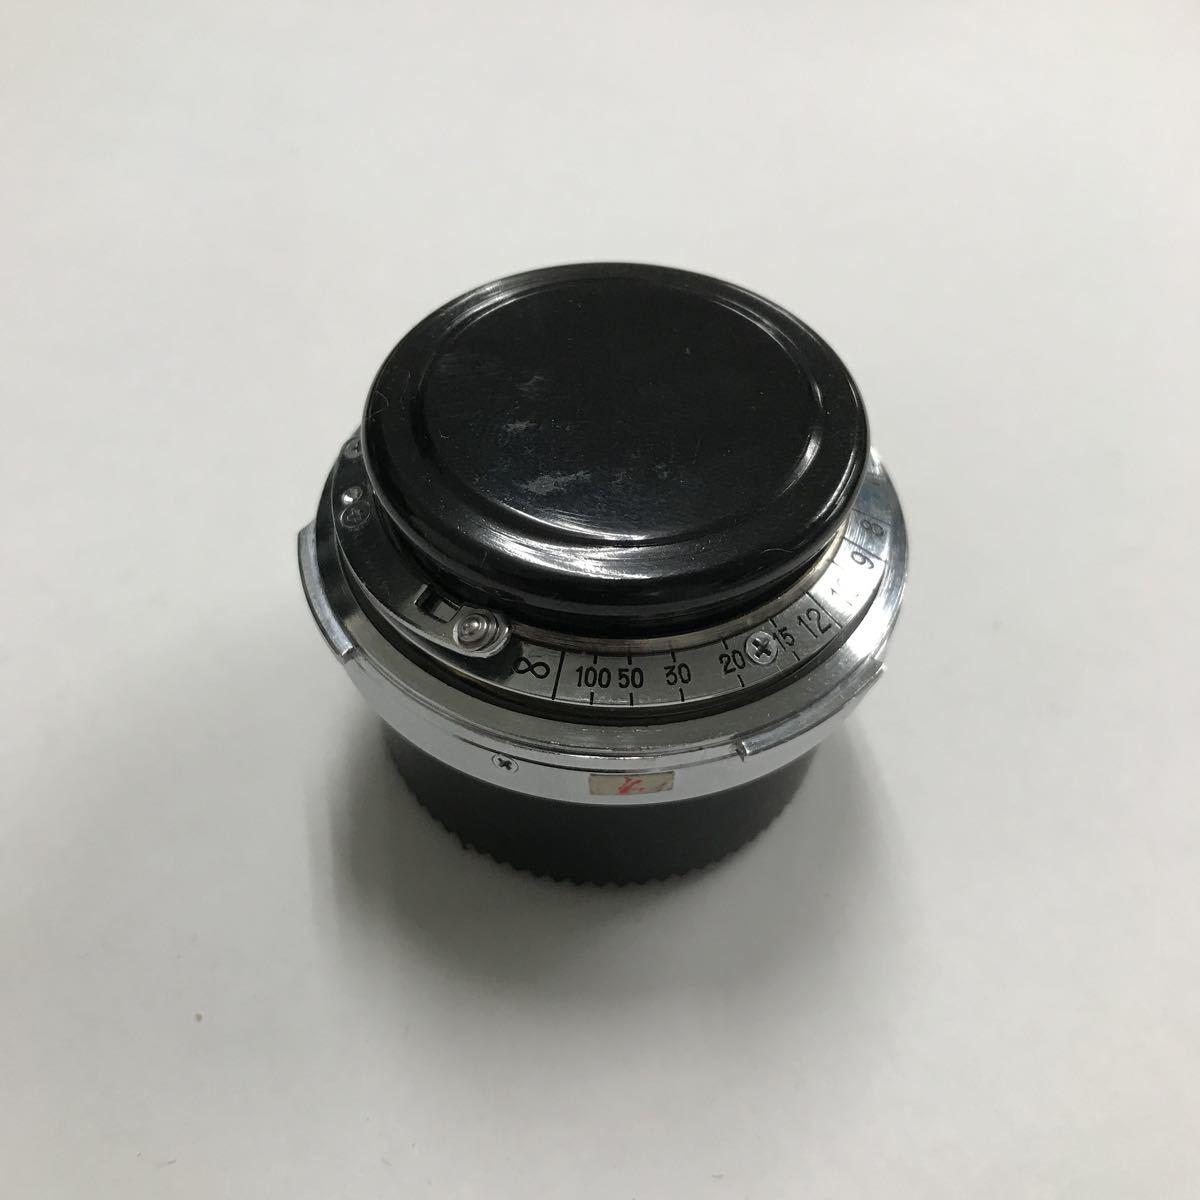 カメラ用品 カプラー? 古いロシア製 キャップ付き 詳細不明_画像2